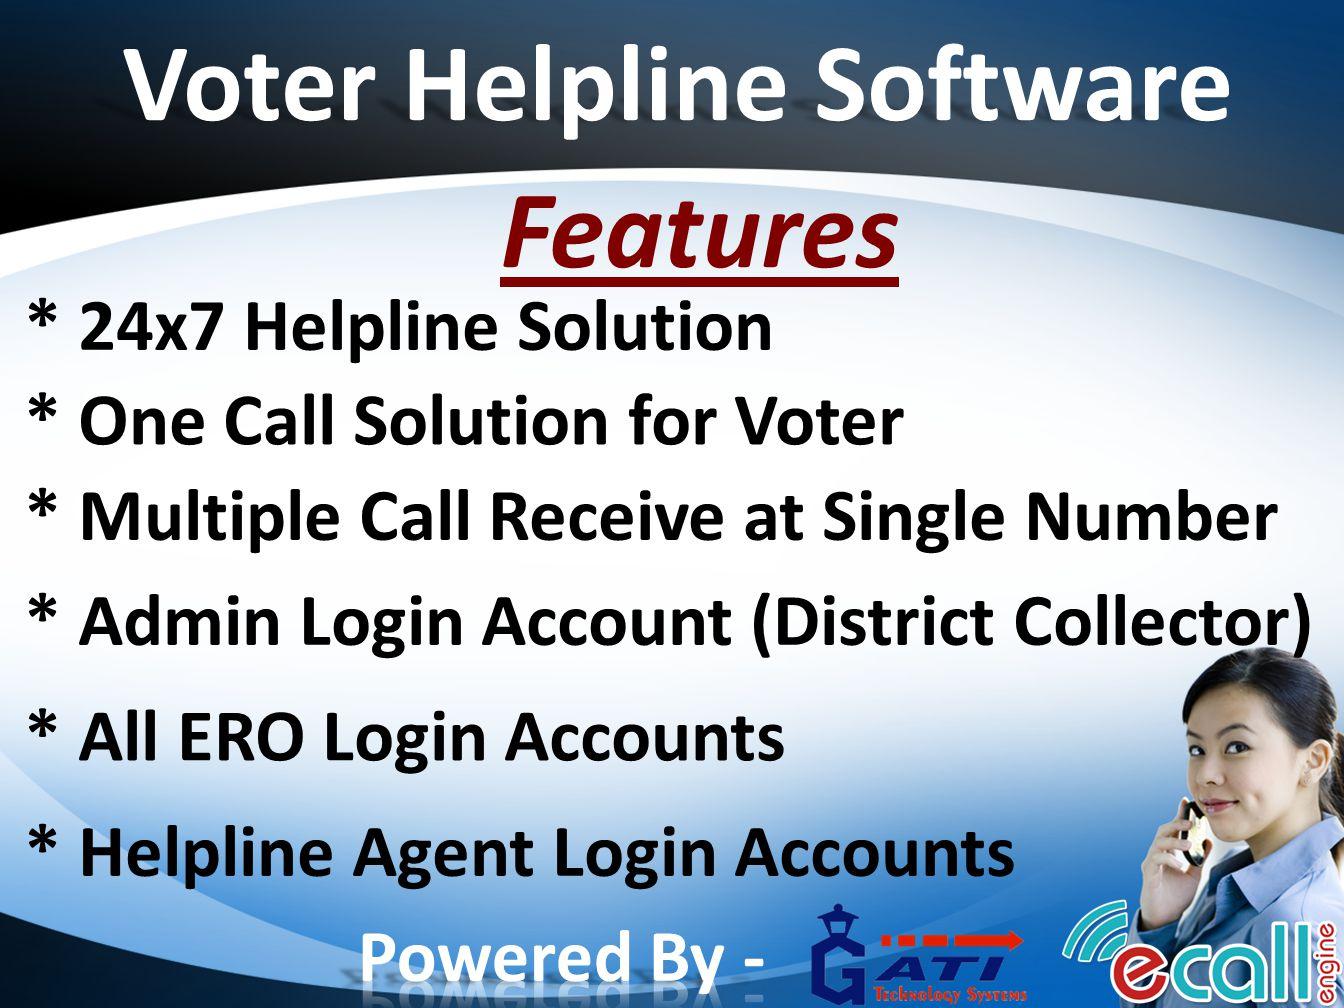 Voter Helpline Software Features * Admin Login Account (District Collector) * Helpline Agent Login Accounts * All ERO Login Accounts * 24x7 Helpline S